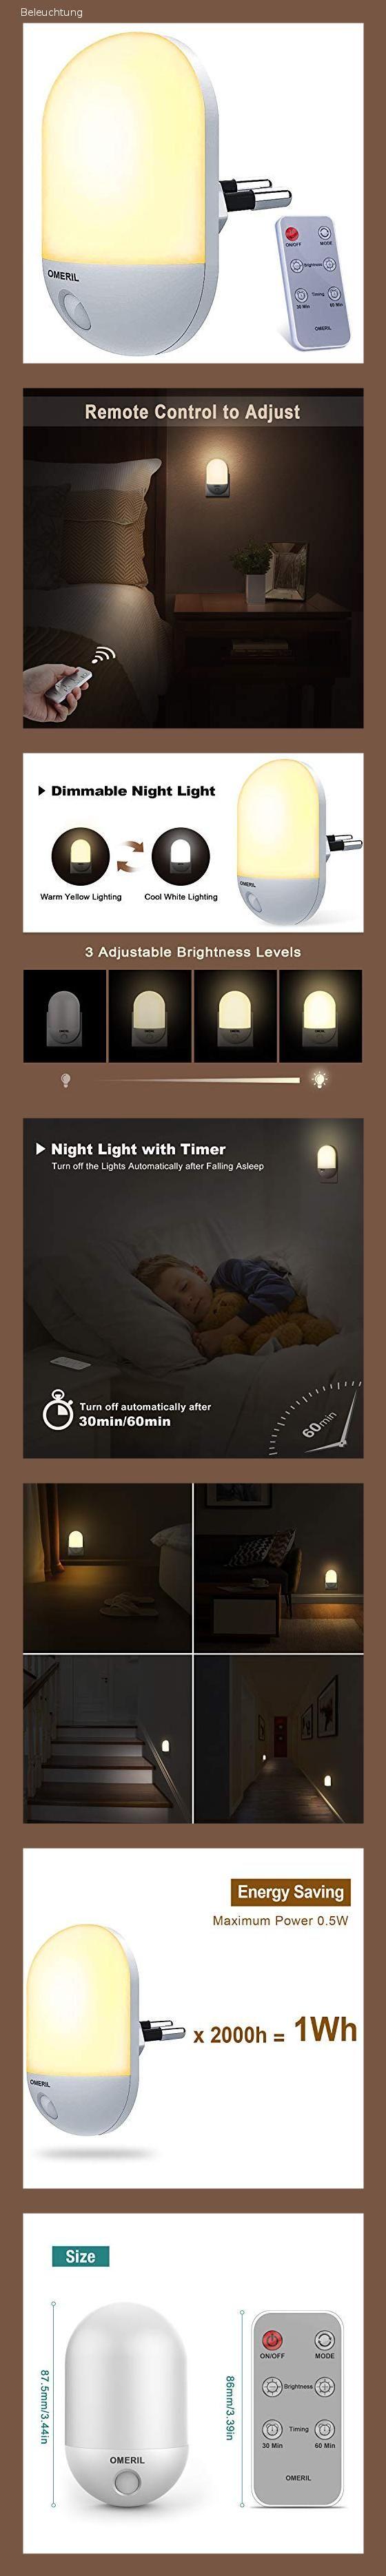 Nachtlicht Steckdose Omeril Dimmbares Nachtlicht Baby Mit Fernbedienung Zeitgesteuert Warmlicht In 2020 Nachtlicht Fernbedienung Steckdosen